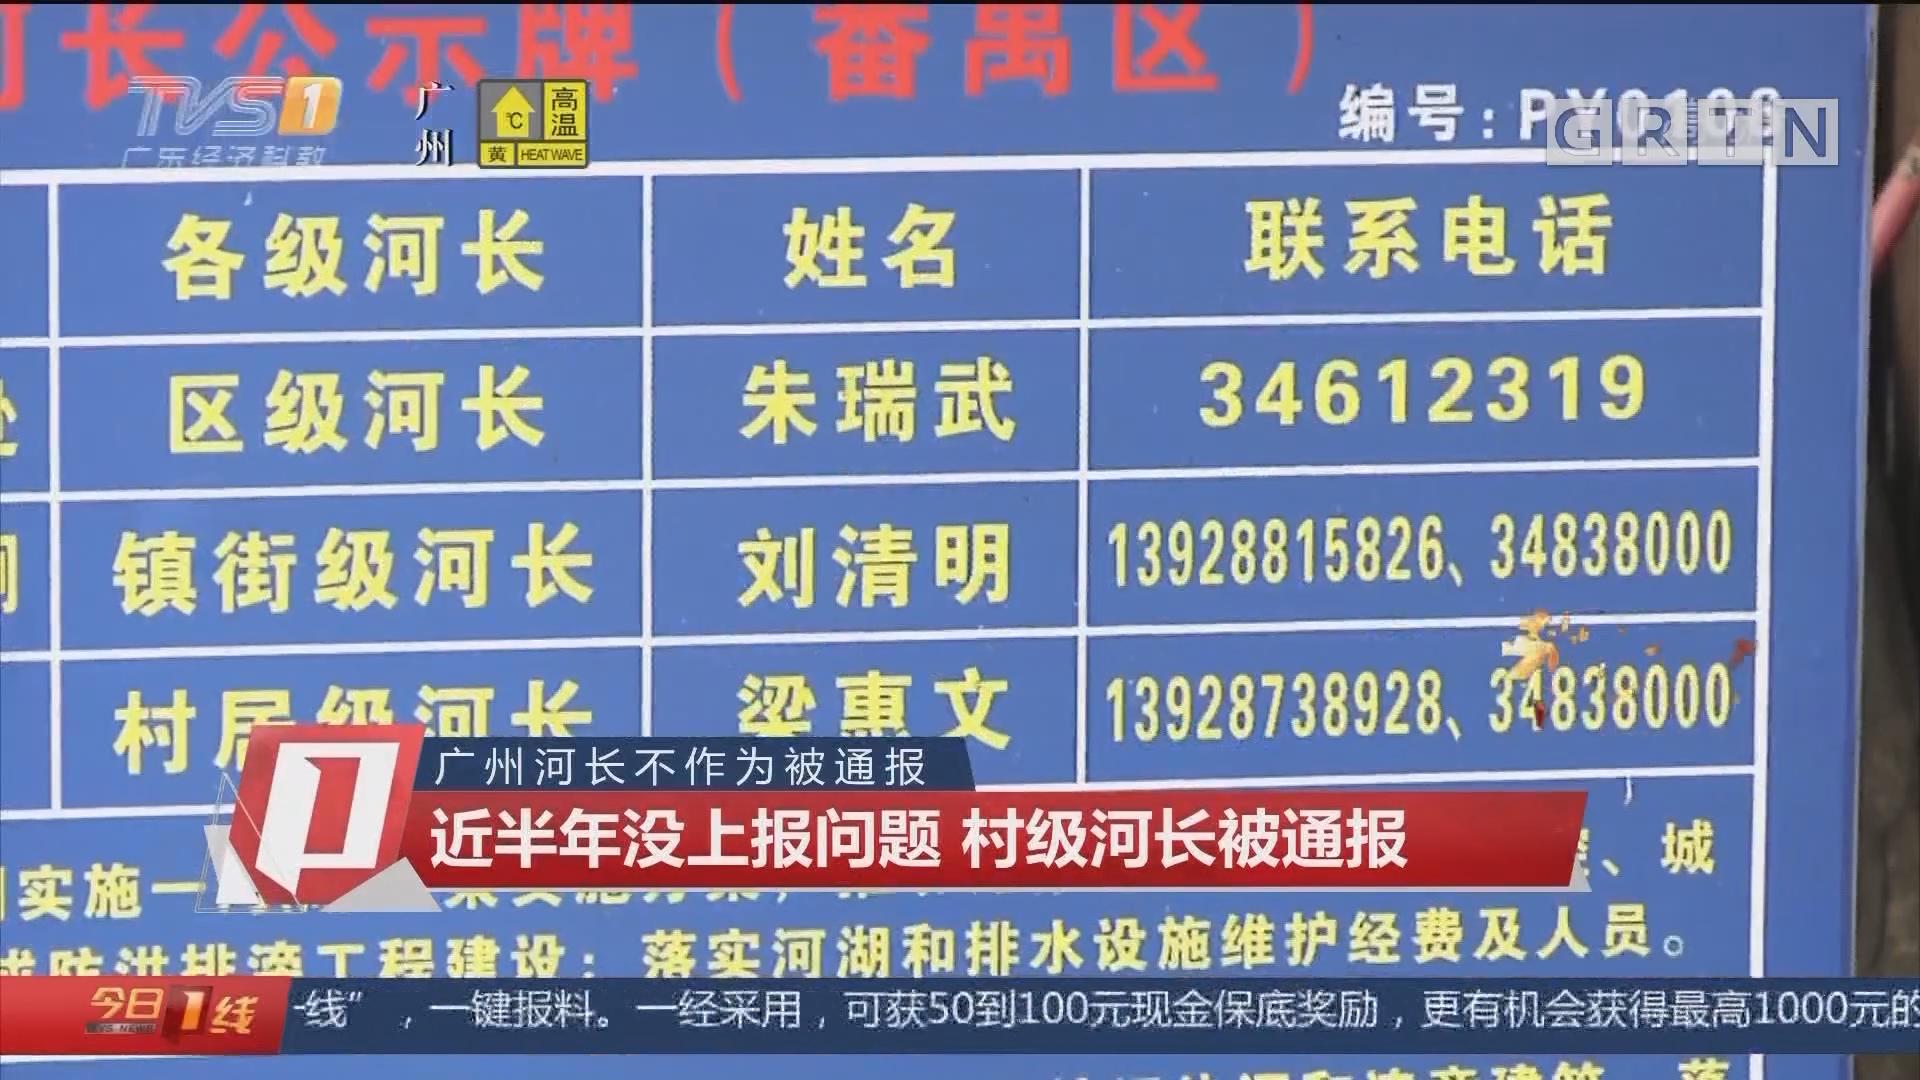 广州河长不作为被通报:近半年没上报问题 村级河长被通报